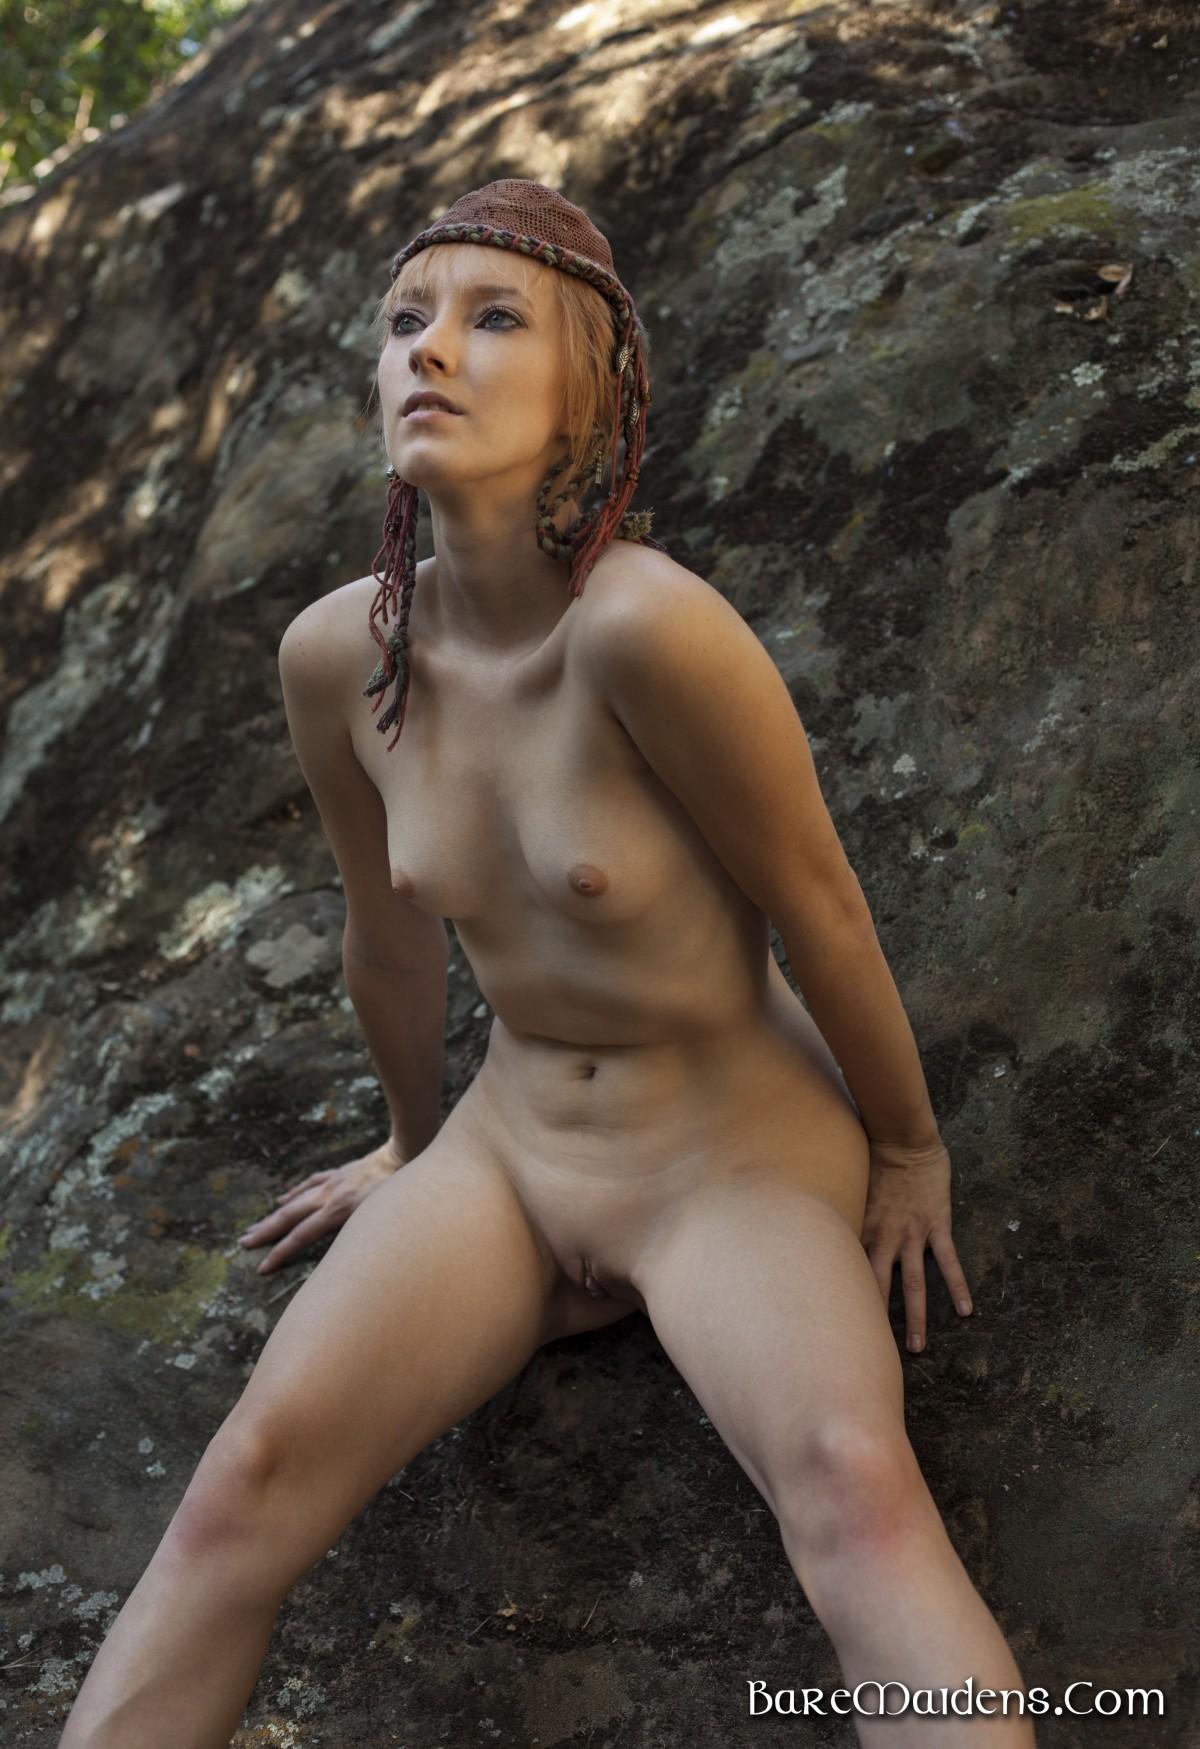 Фото набухших сосков у девок 18 фотография